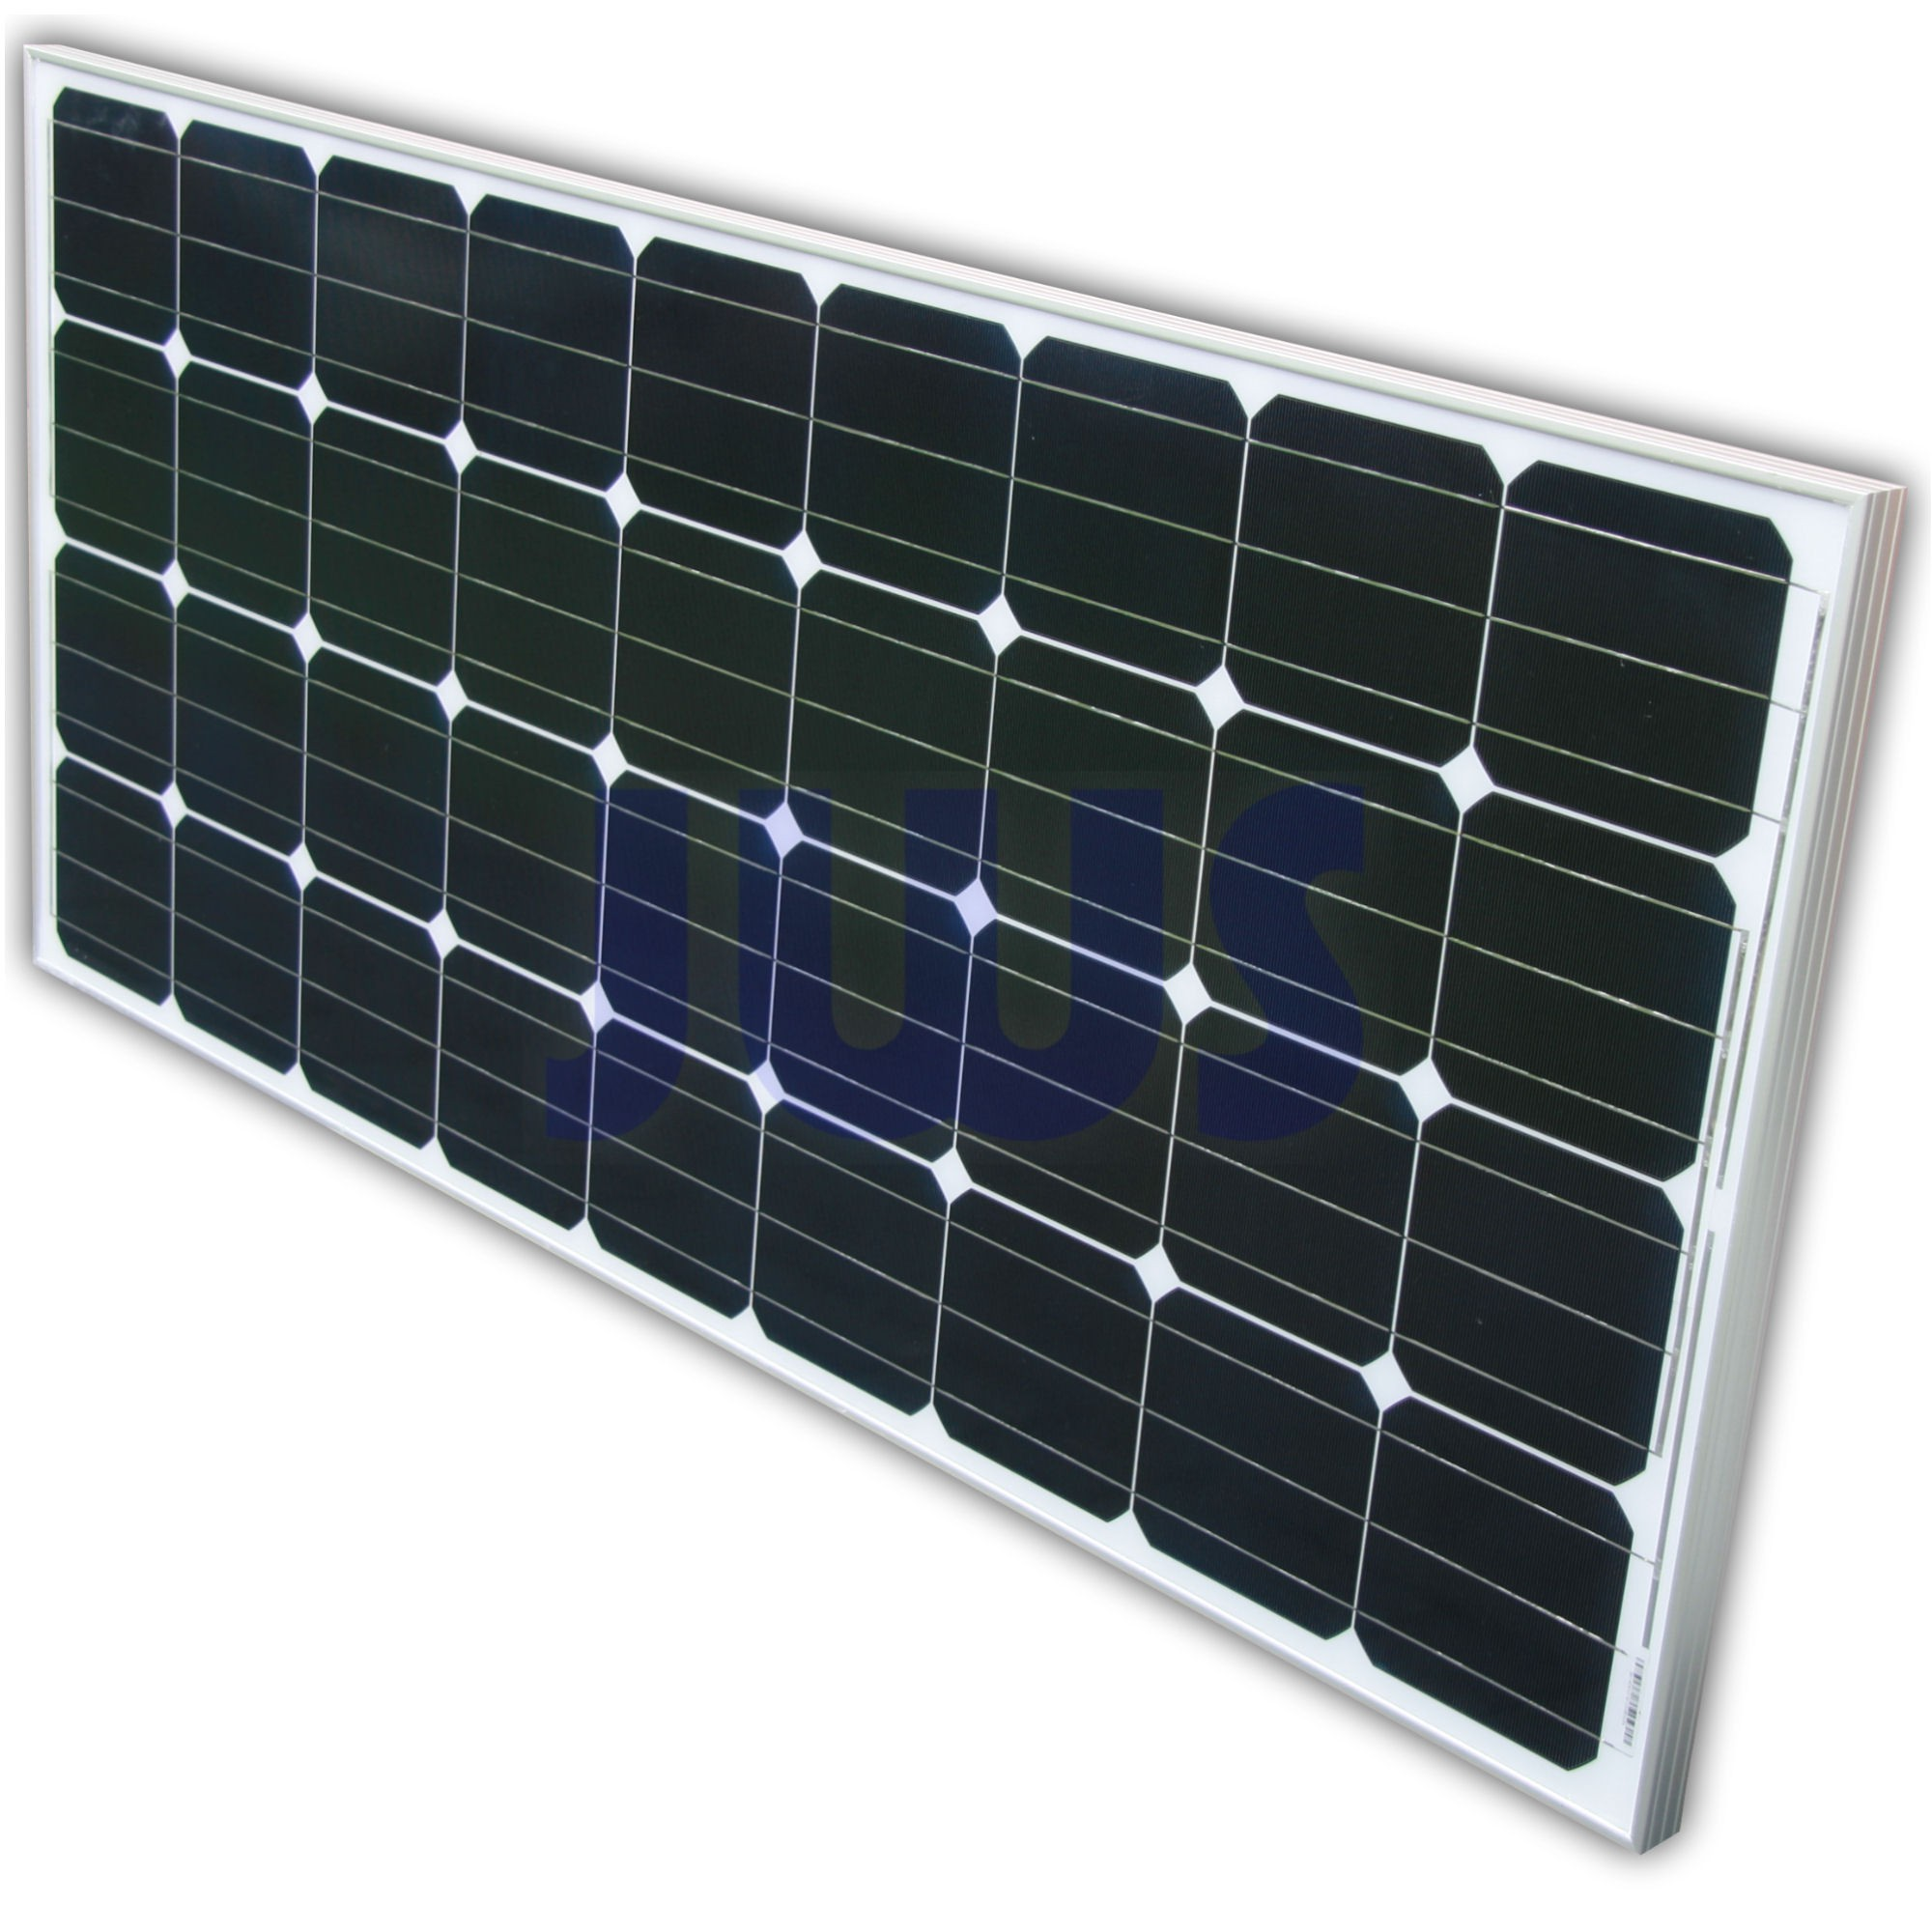 Solarpanel Solarmodul Solarzelle 12V 24Volt 5W 40W 50W 100W 130W 150W 160W 200W